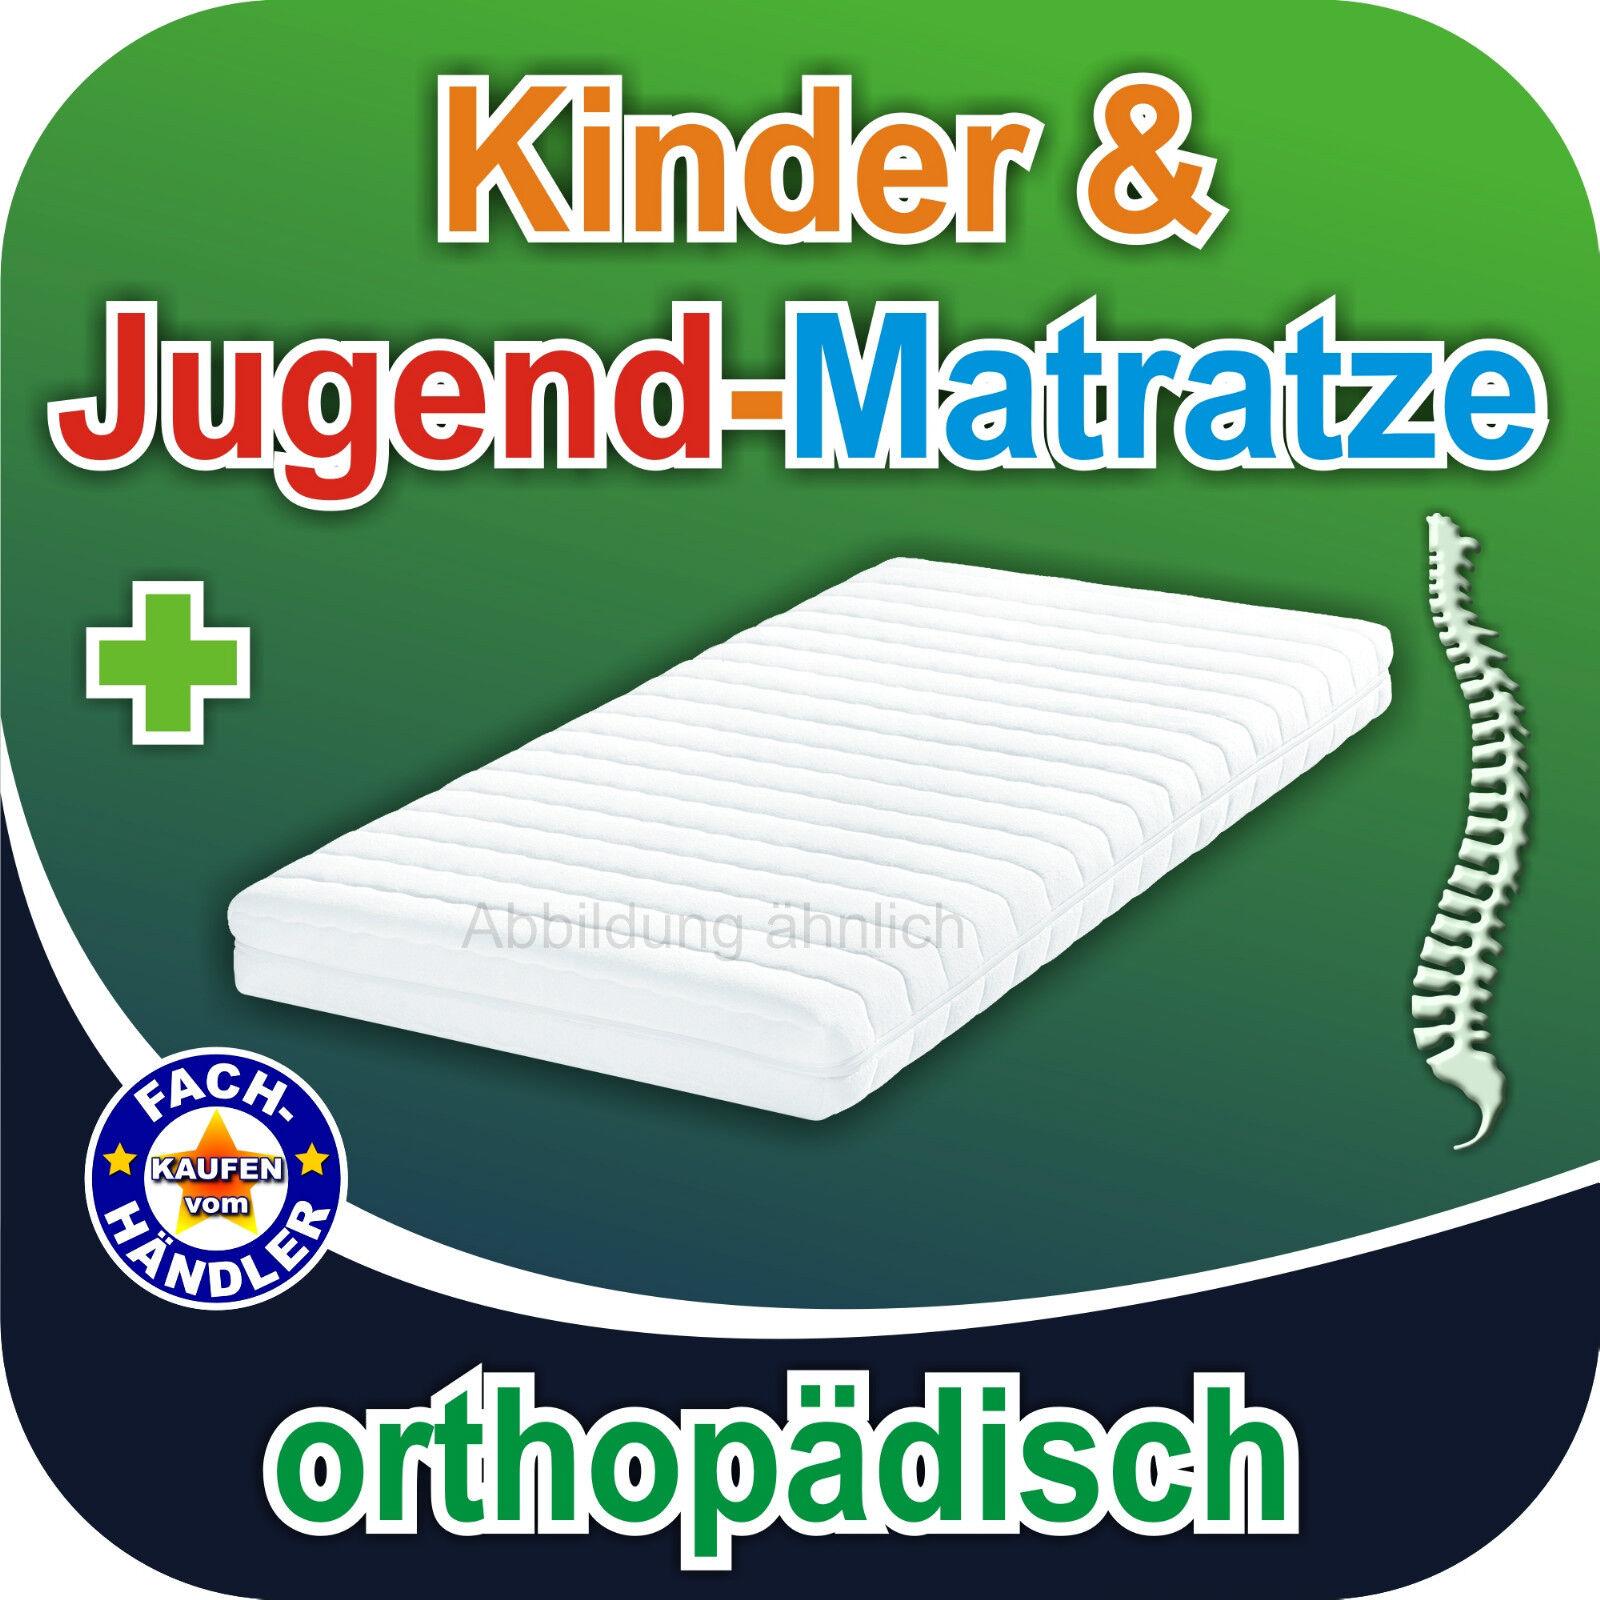 Jugendbett Kaltschaummatratze KJ-14 90x200cm, orthopädisch, Bezug waschbar 60°C